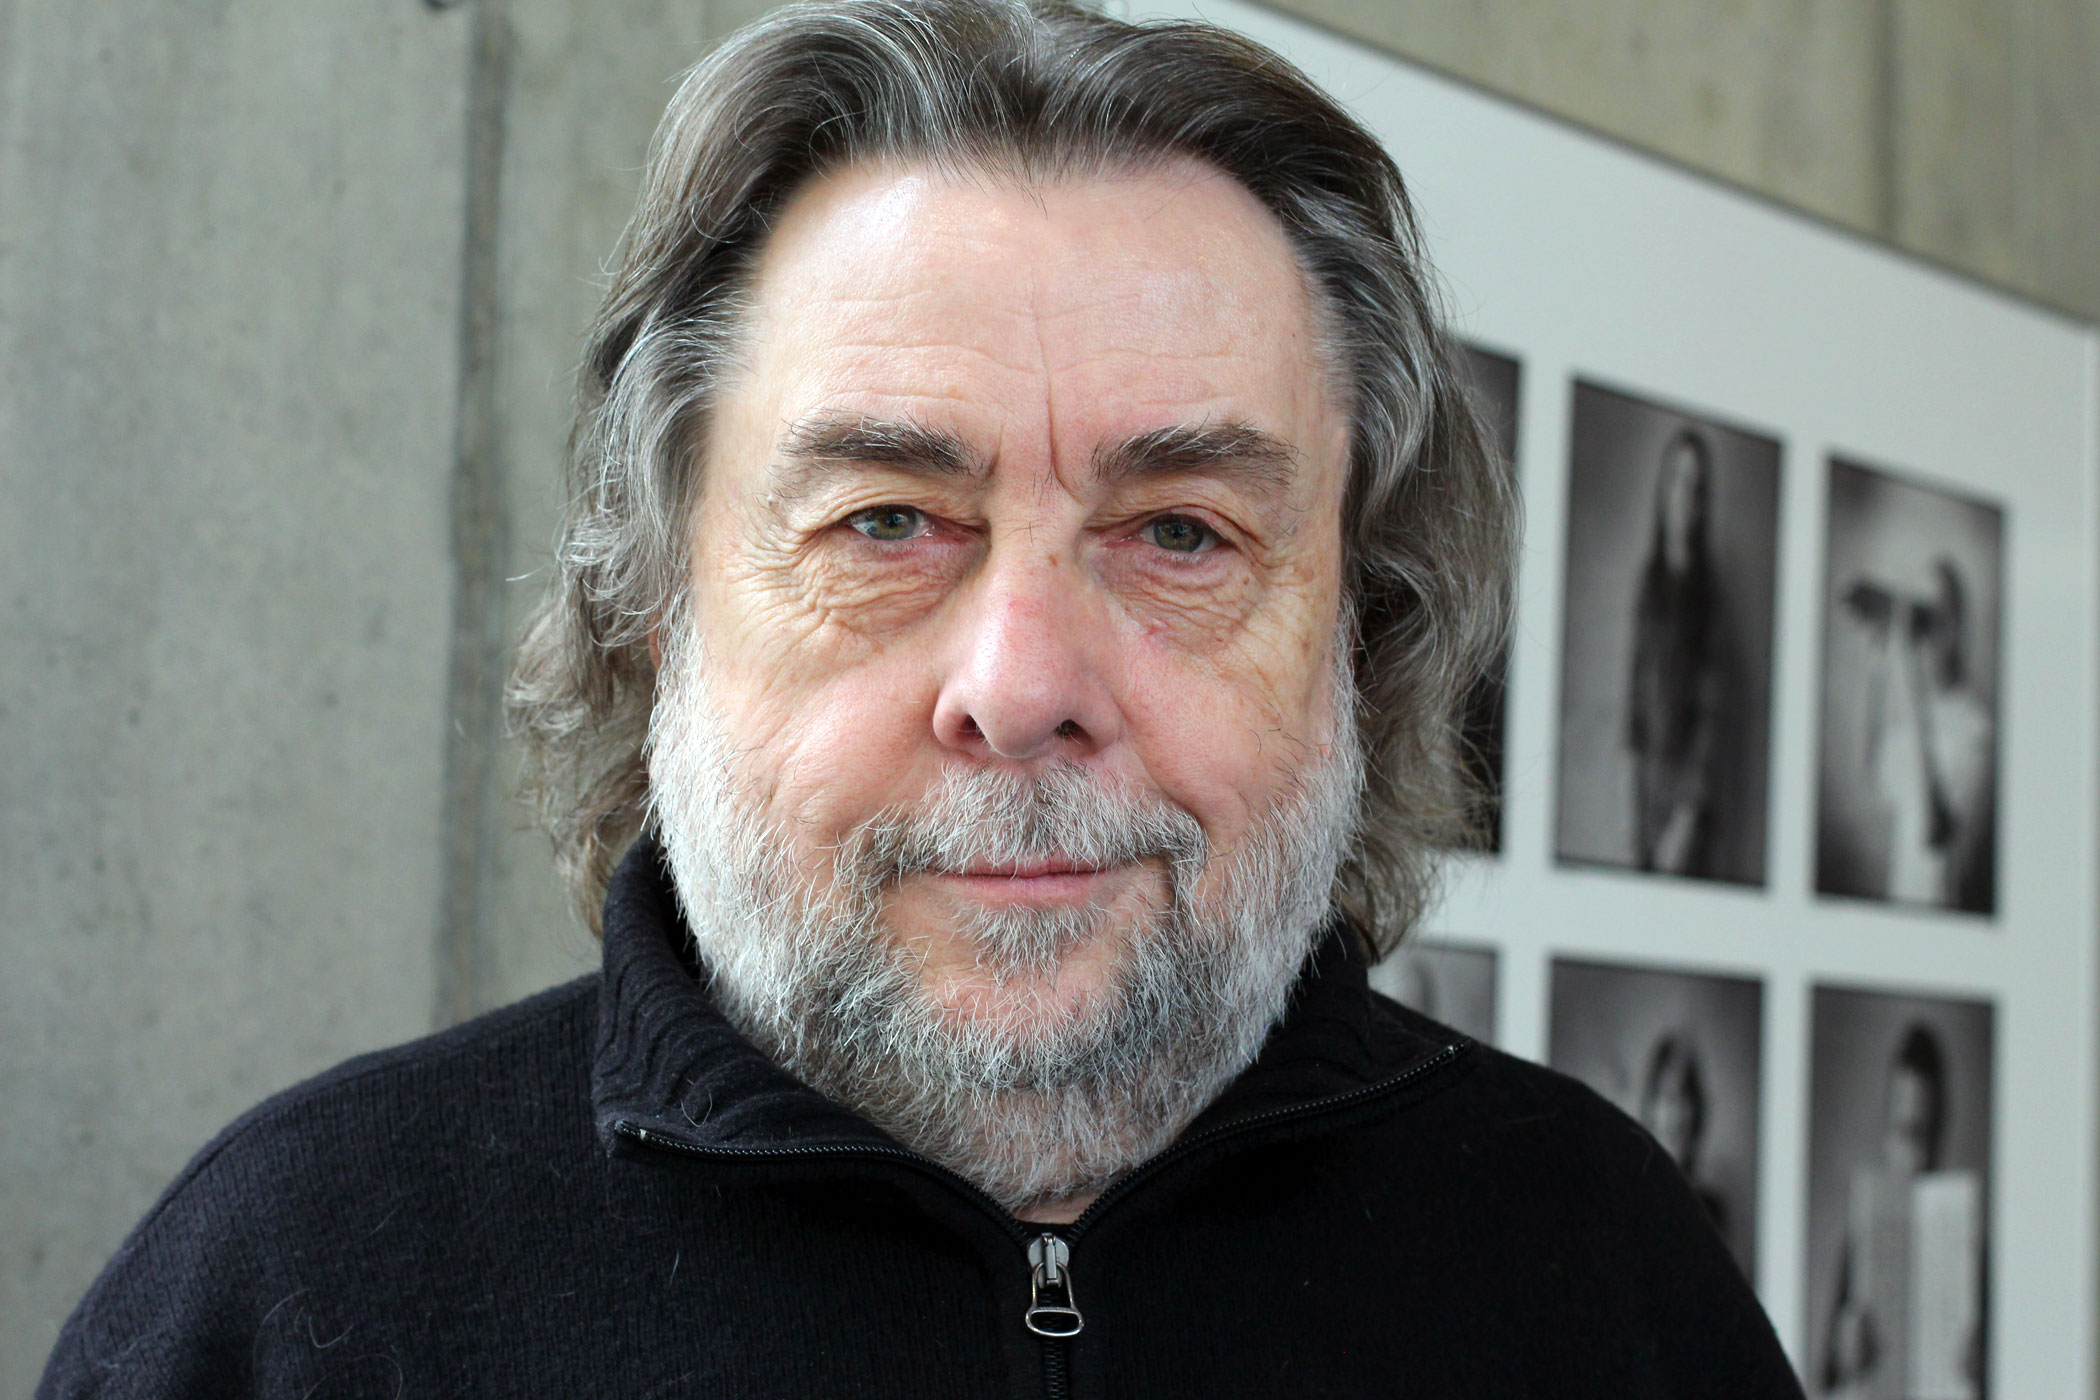 Ladislav Snopko, slovenský archeolog a politik, bývalý ministr kultury a poslanec zastupiteľstva Bratislavského samosprávneho kraja